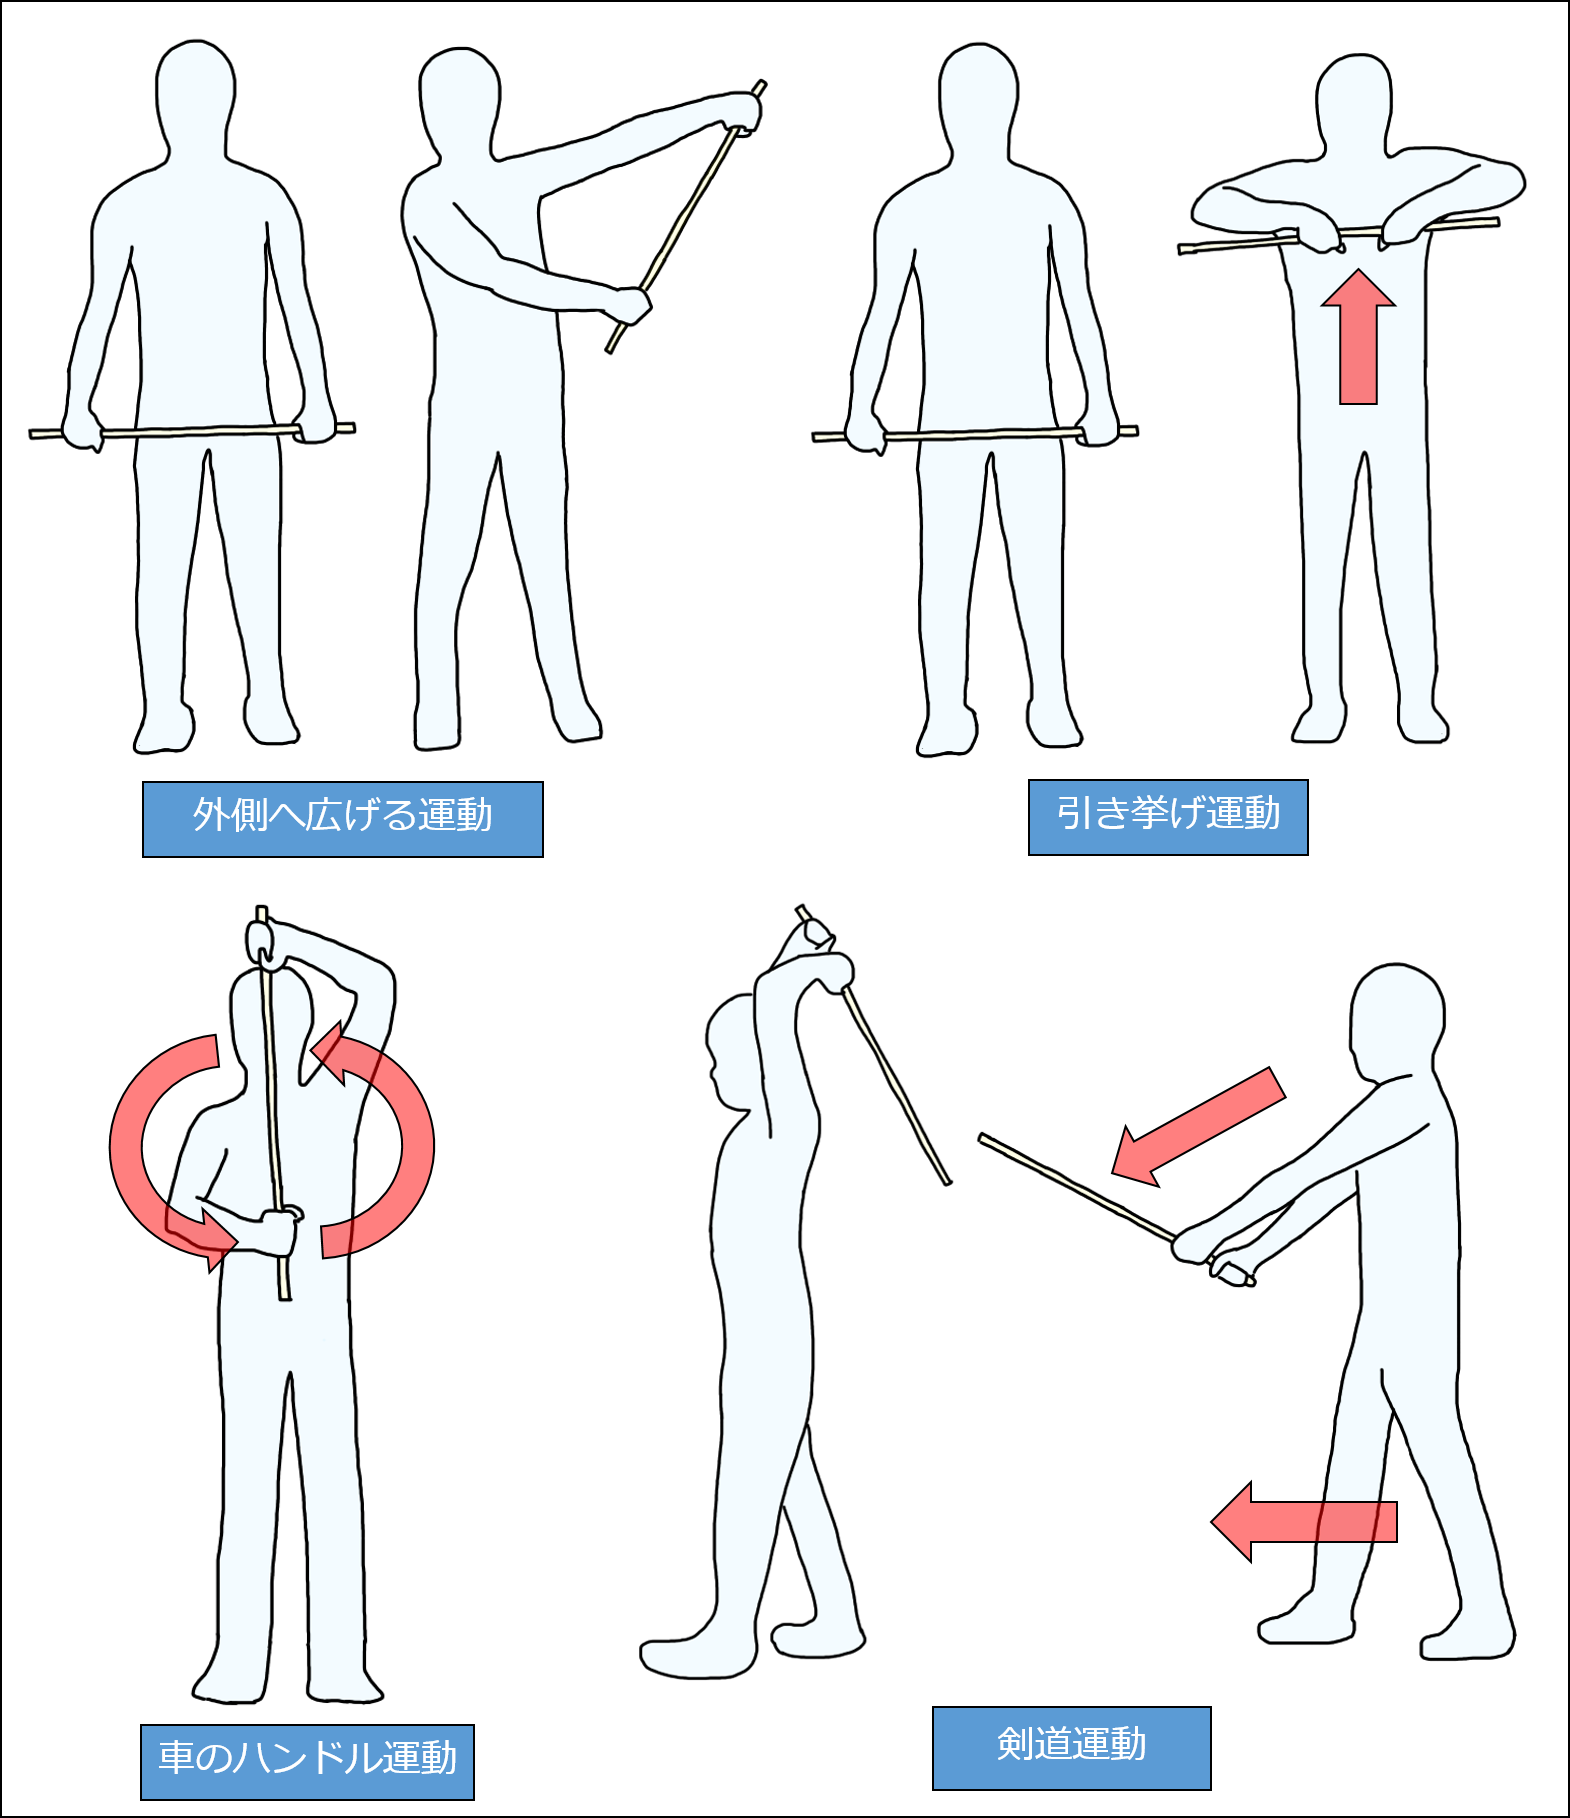 棒体操のリハビリ高齢者への効果やイラストを用いて解説 白衣のドカタ